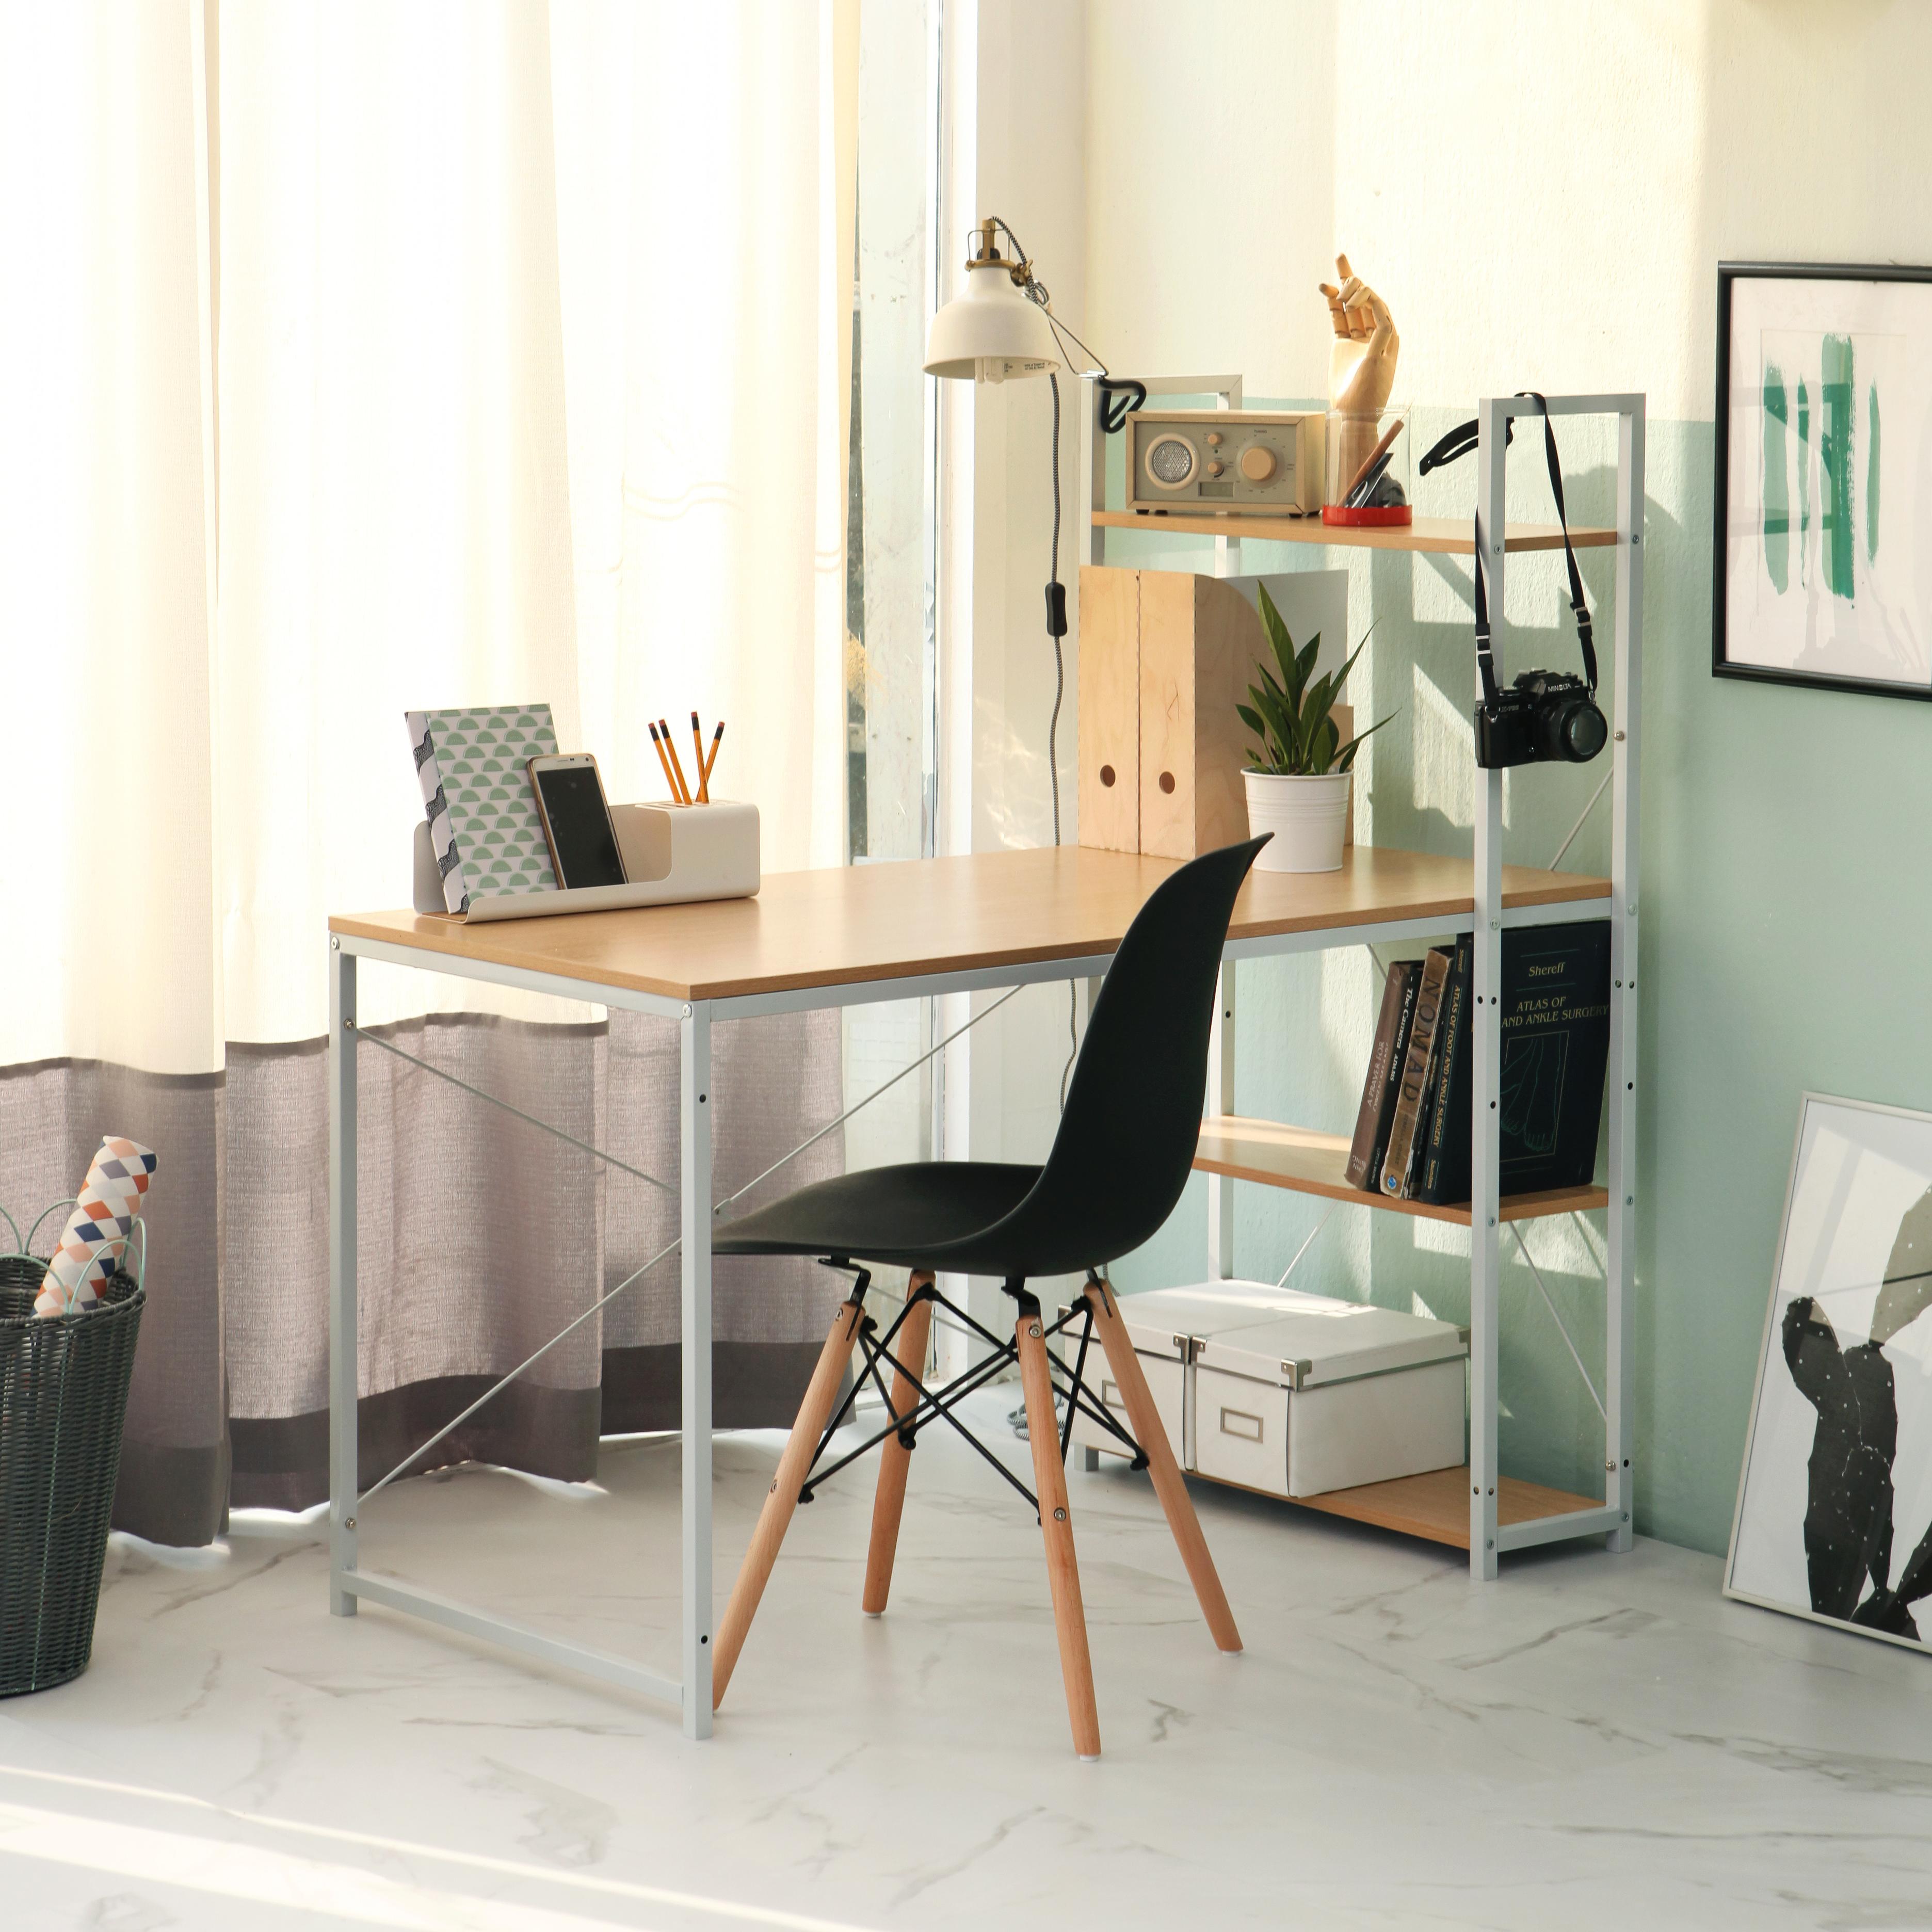 Bộ 4 ghế eames, ghế phòng ăn, ghế làm việc màu đen GA01